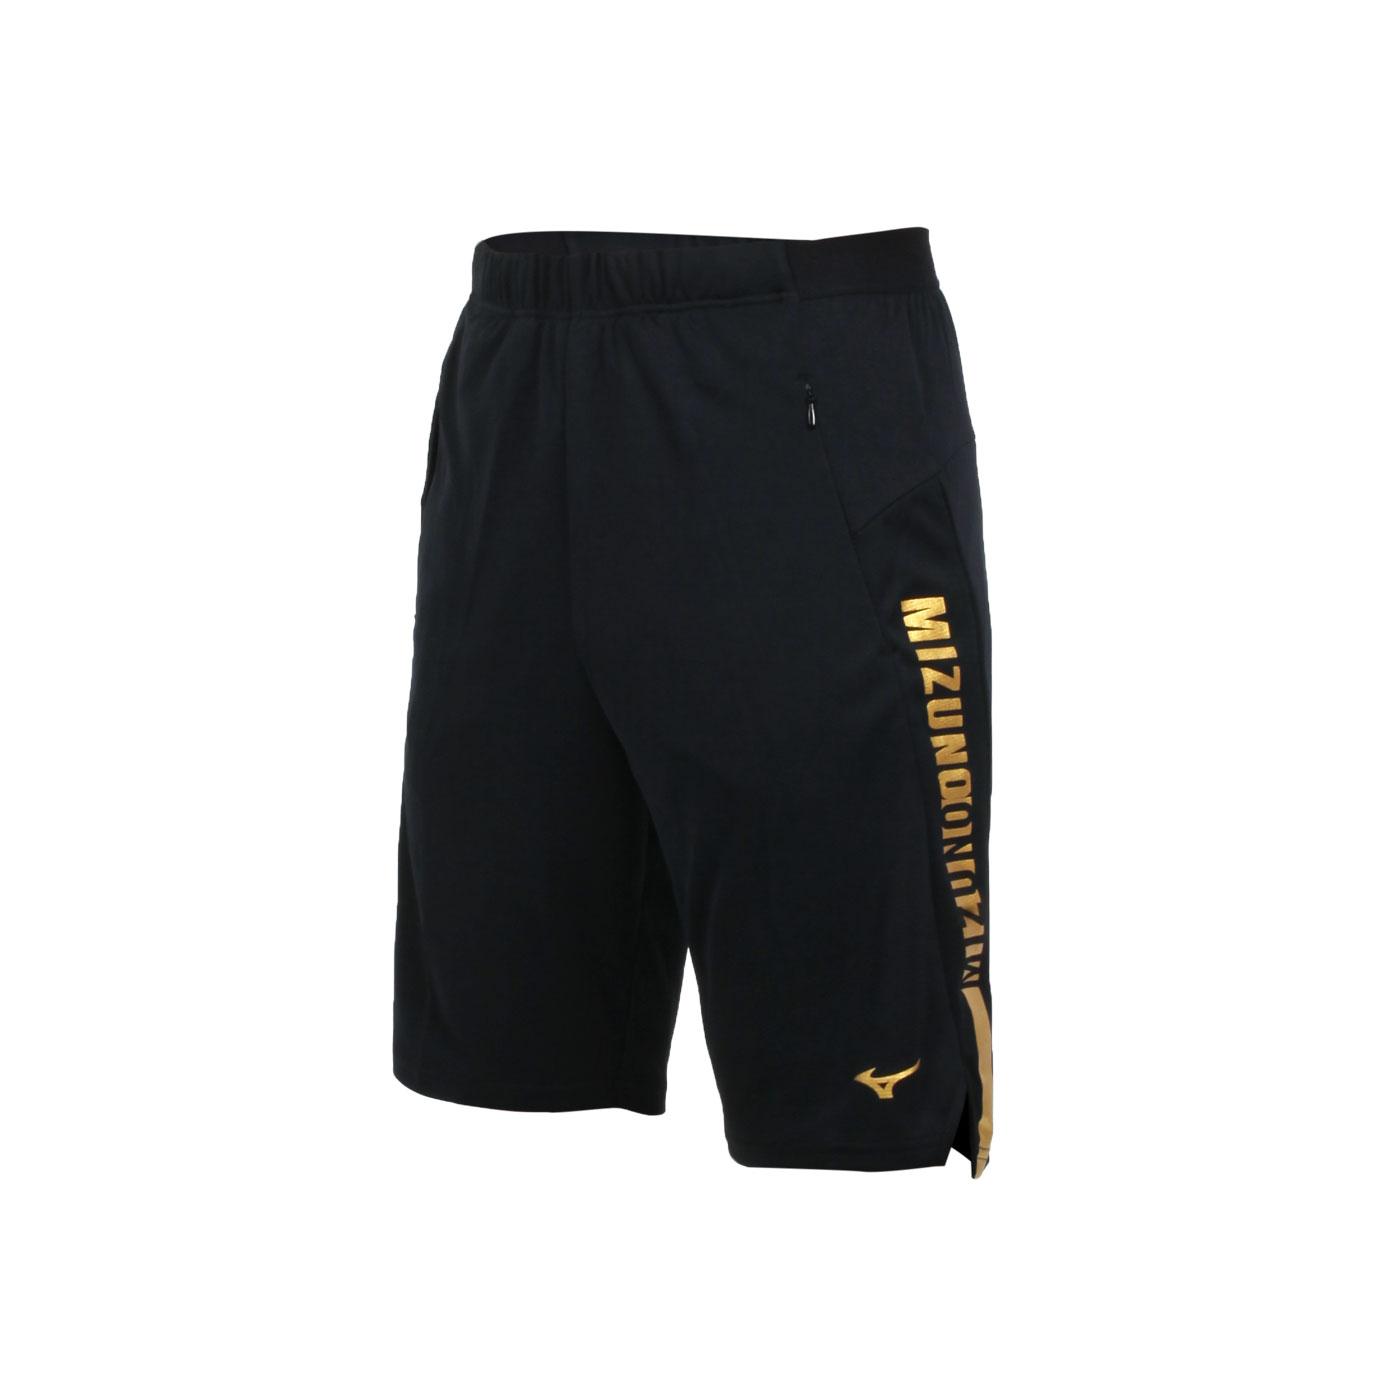 MIZUNO 男款針織短褲 32TB100194 - 黑金